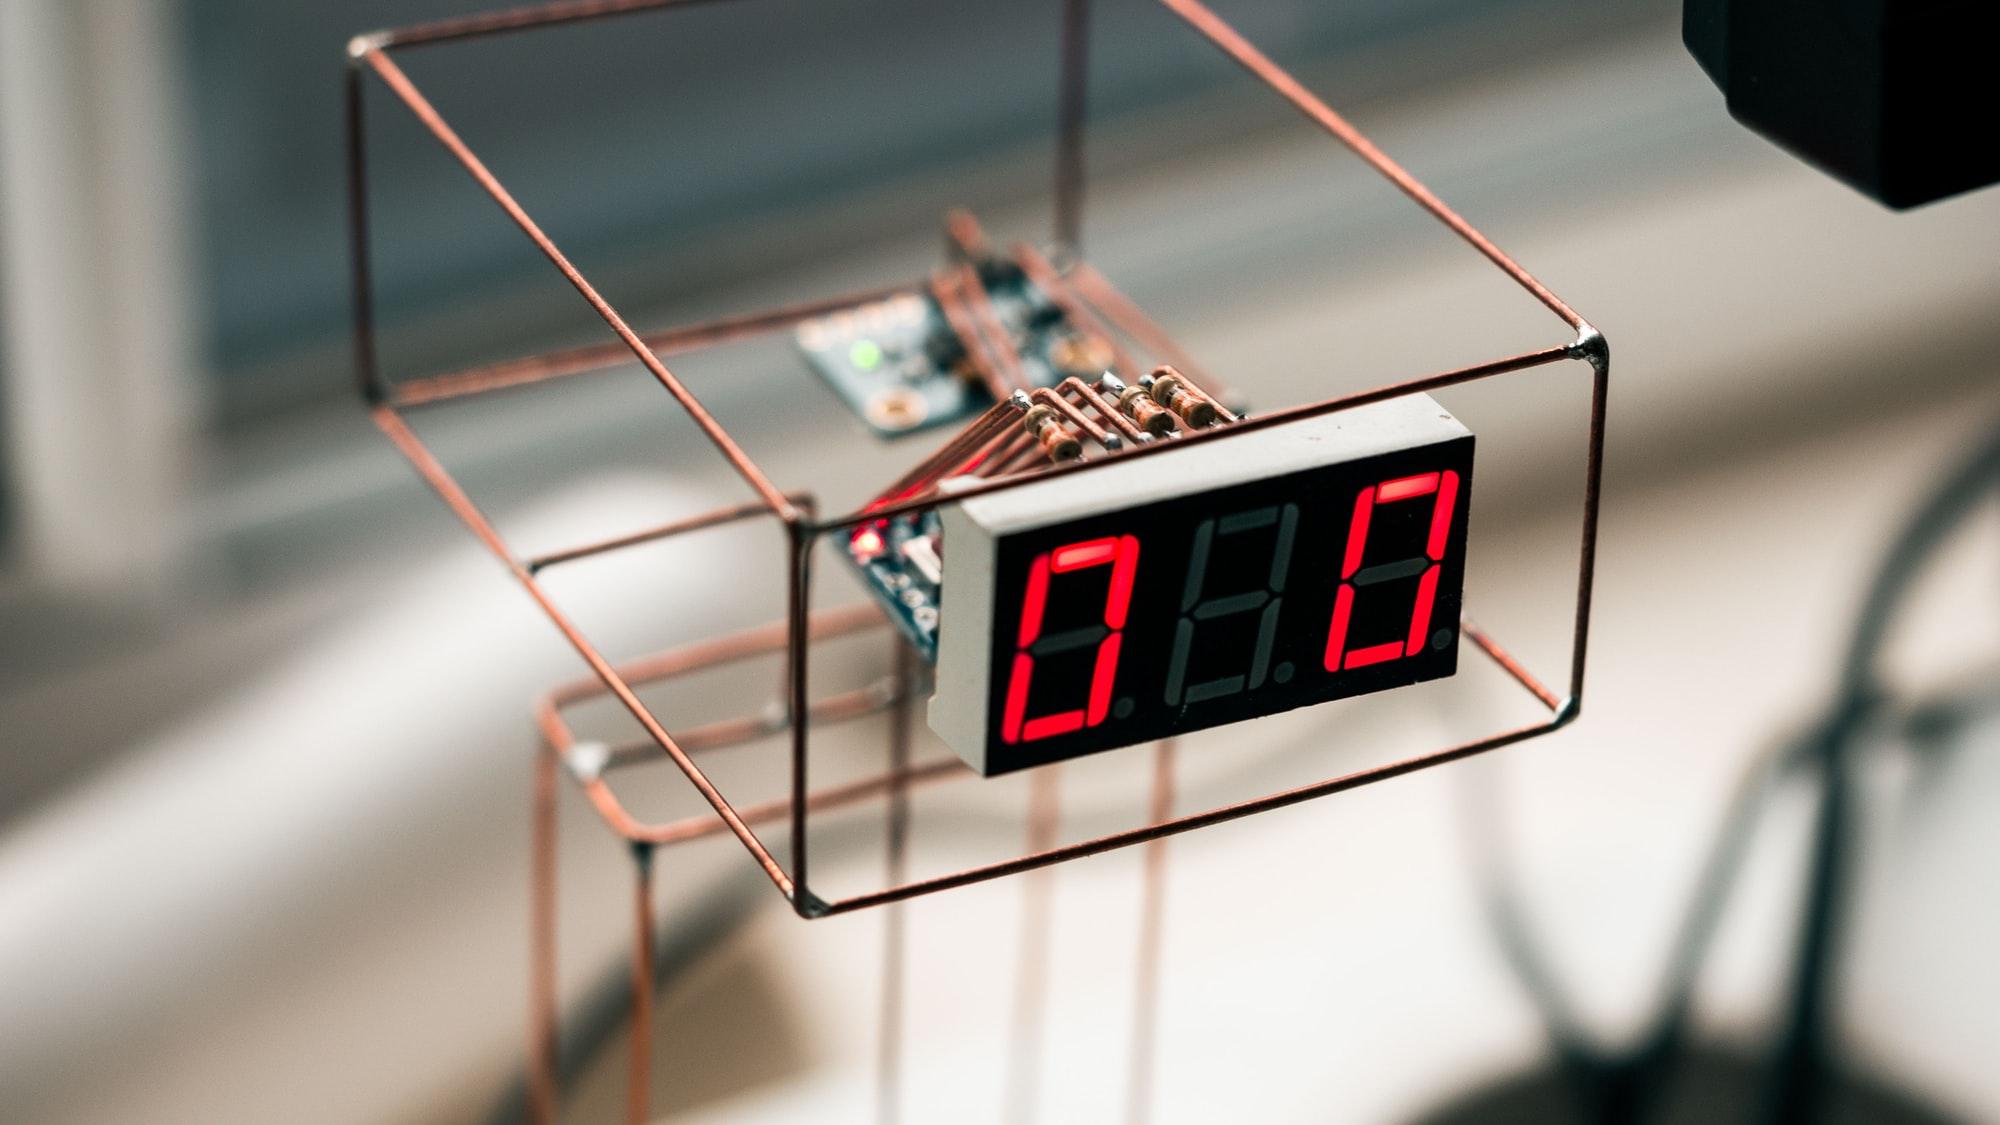 模拟输入数字输出处理设备